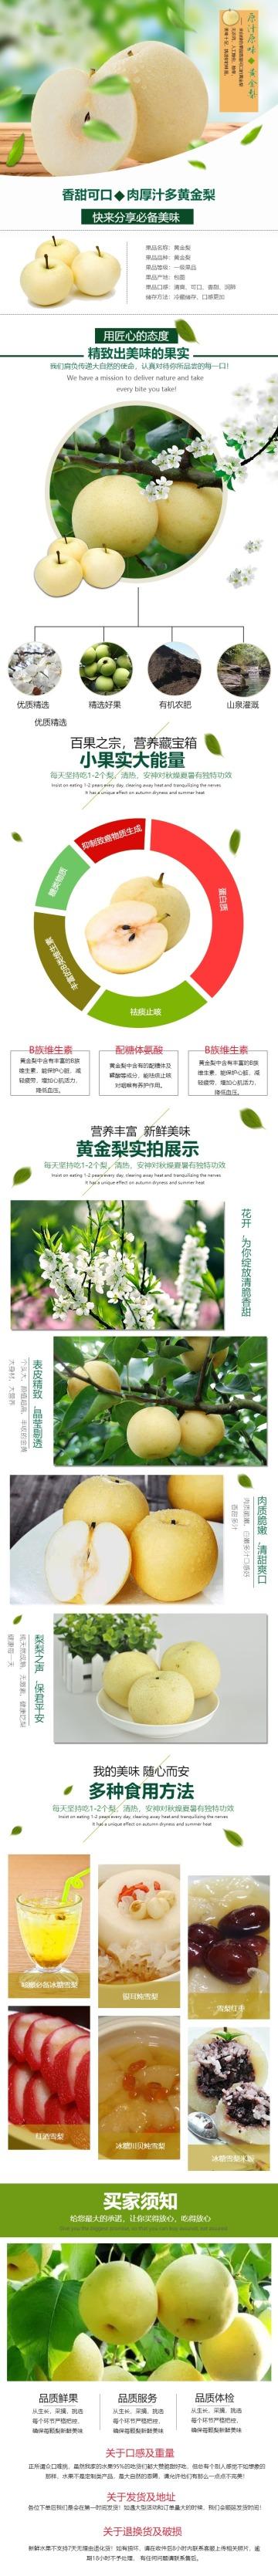 清新简约百货零售生鲜水果黄金梨促销电商详情页